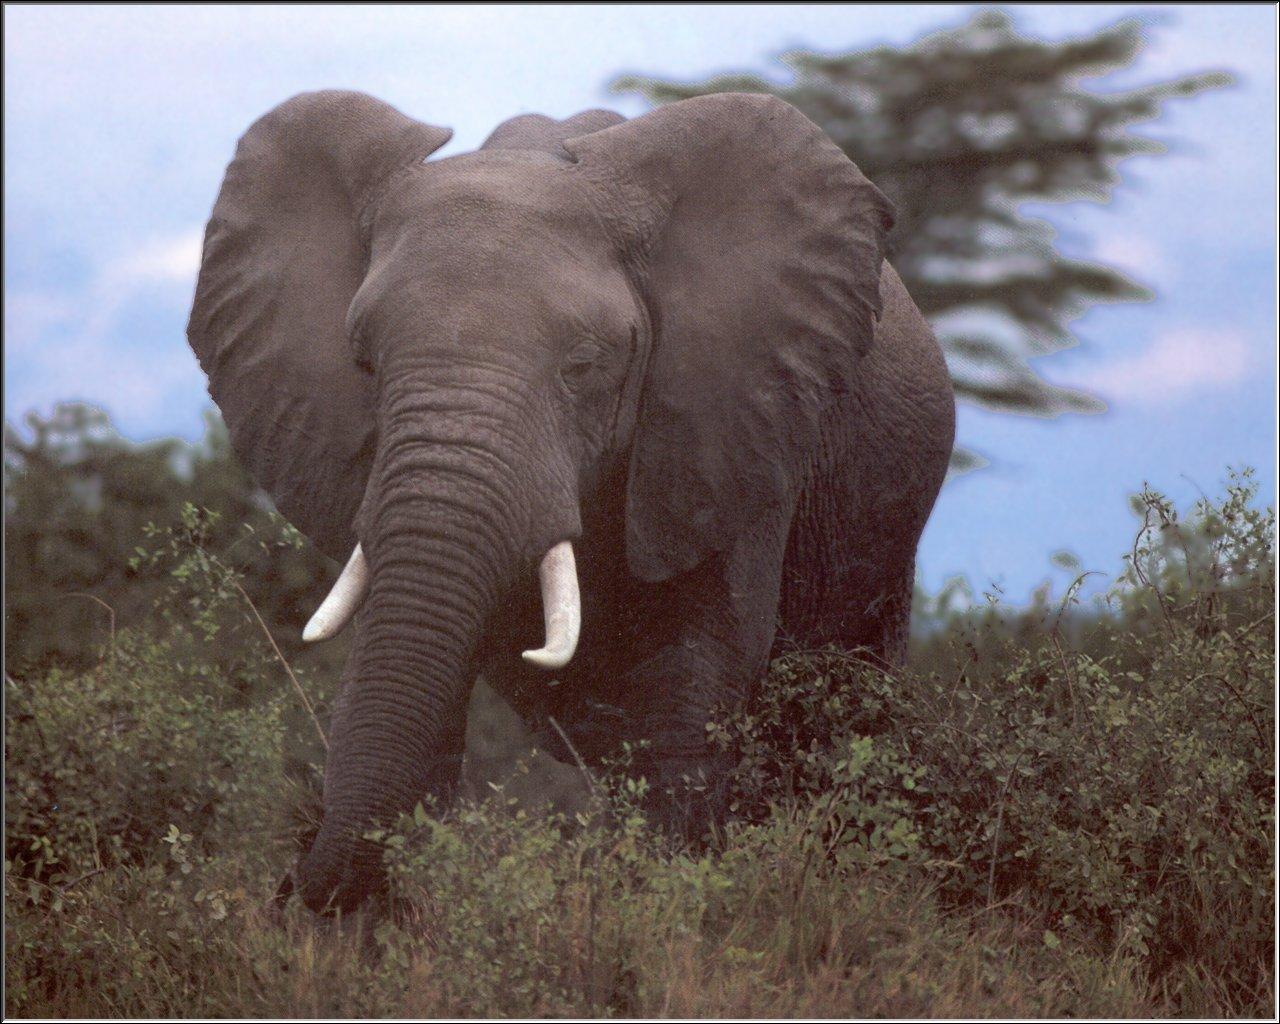 imagenes de animales de selva - Fotos de los gorilas, animales en la selva Fotonostra